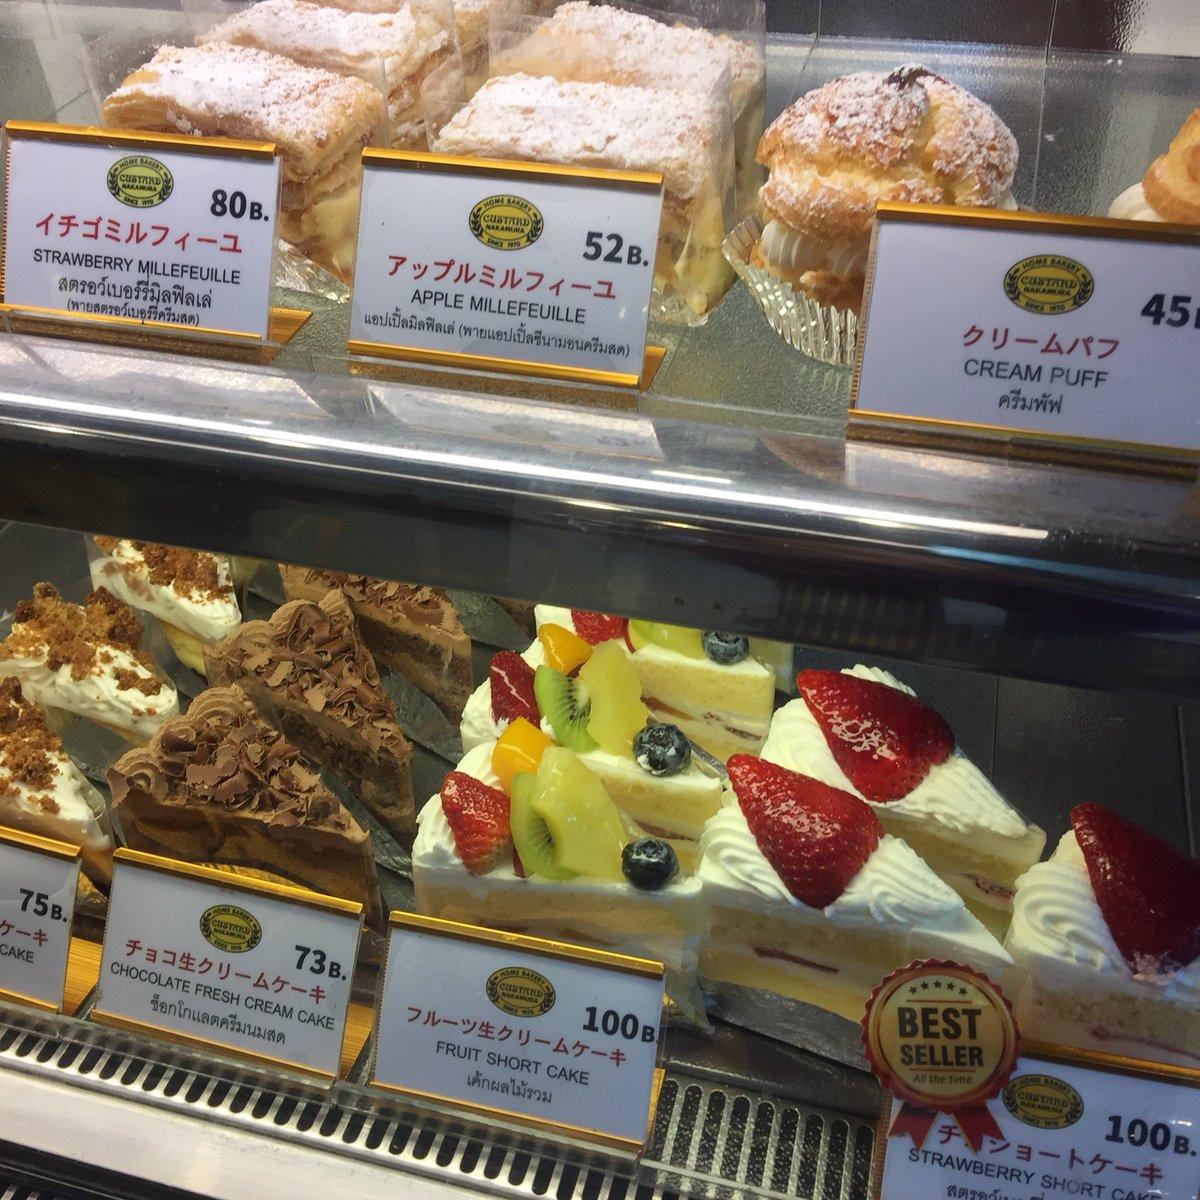 ร้านนี้ดังมากคิดว่าหลายคนคงรู้จัก ' Custard Nakamura 🍰🍓🍓🍓🍞💓✨ ' เป็นขนมปังโฮมเมดสไตล์ญี่ปุ่นแบบแท้ๆเลย คนญี่ปุ่นแม่บ้านทำงานแถวนั้นคือเข้ากันประจำ ไม่รู้จะบอกอะไรนอกจากอร่อยๆๆๆ รีวิวไปหลายรอบละ ยังคงรีวิวต่อไปเพราะชอบจริง @ ซอยสุขุมวิท 33/1 ซอย Fuji Market เลยจ้า